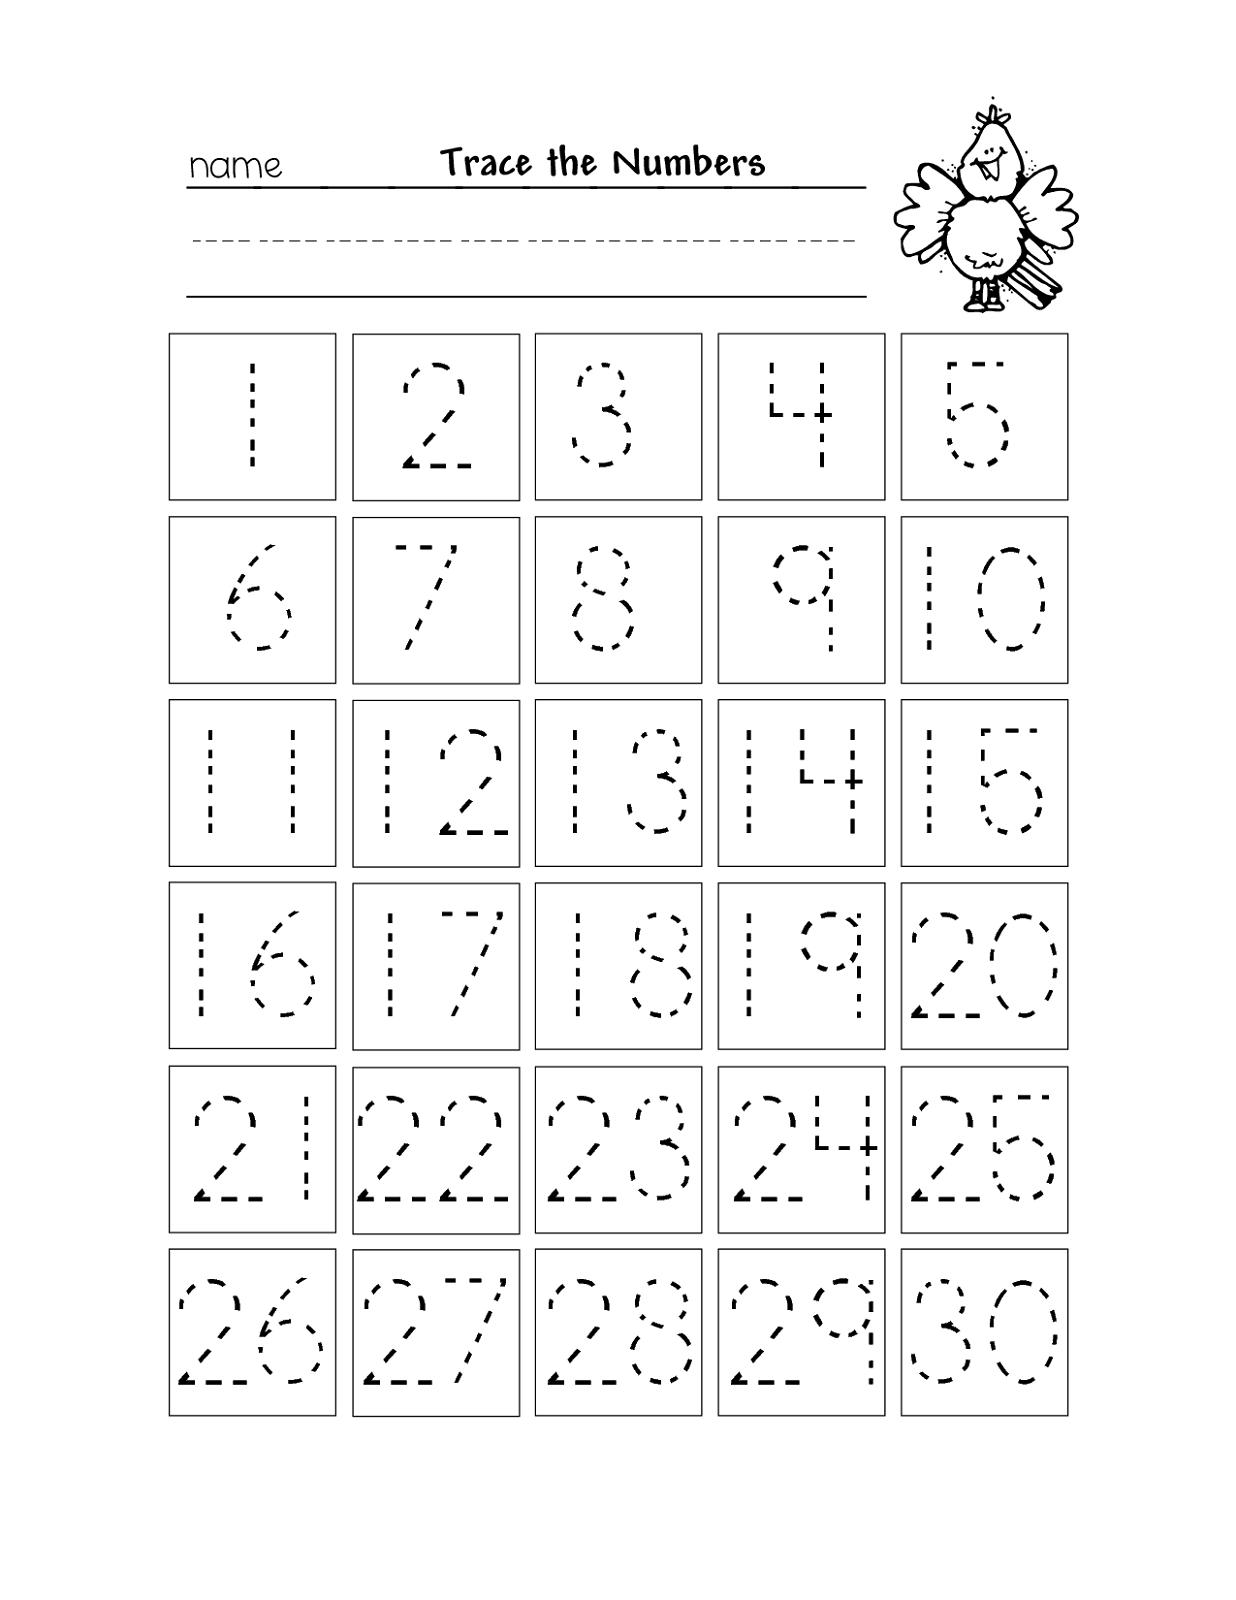 Free Printable Number Chart 1-30 | Kinder | Number Tracing - Free Printable Number Flashcards 1 30